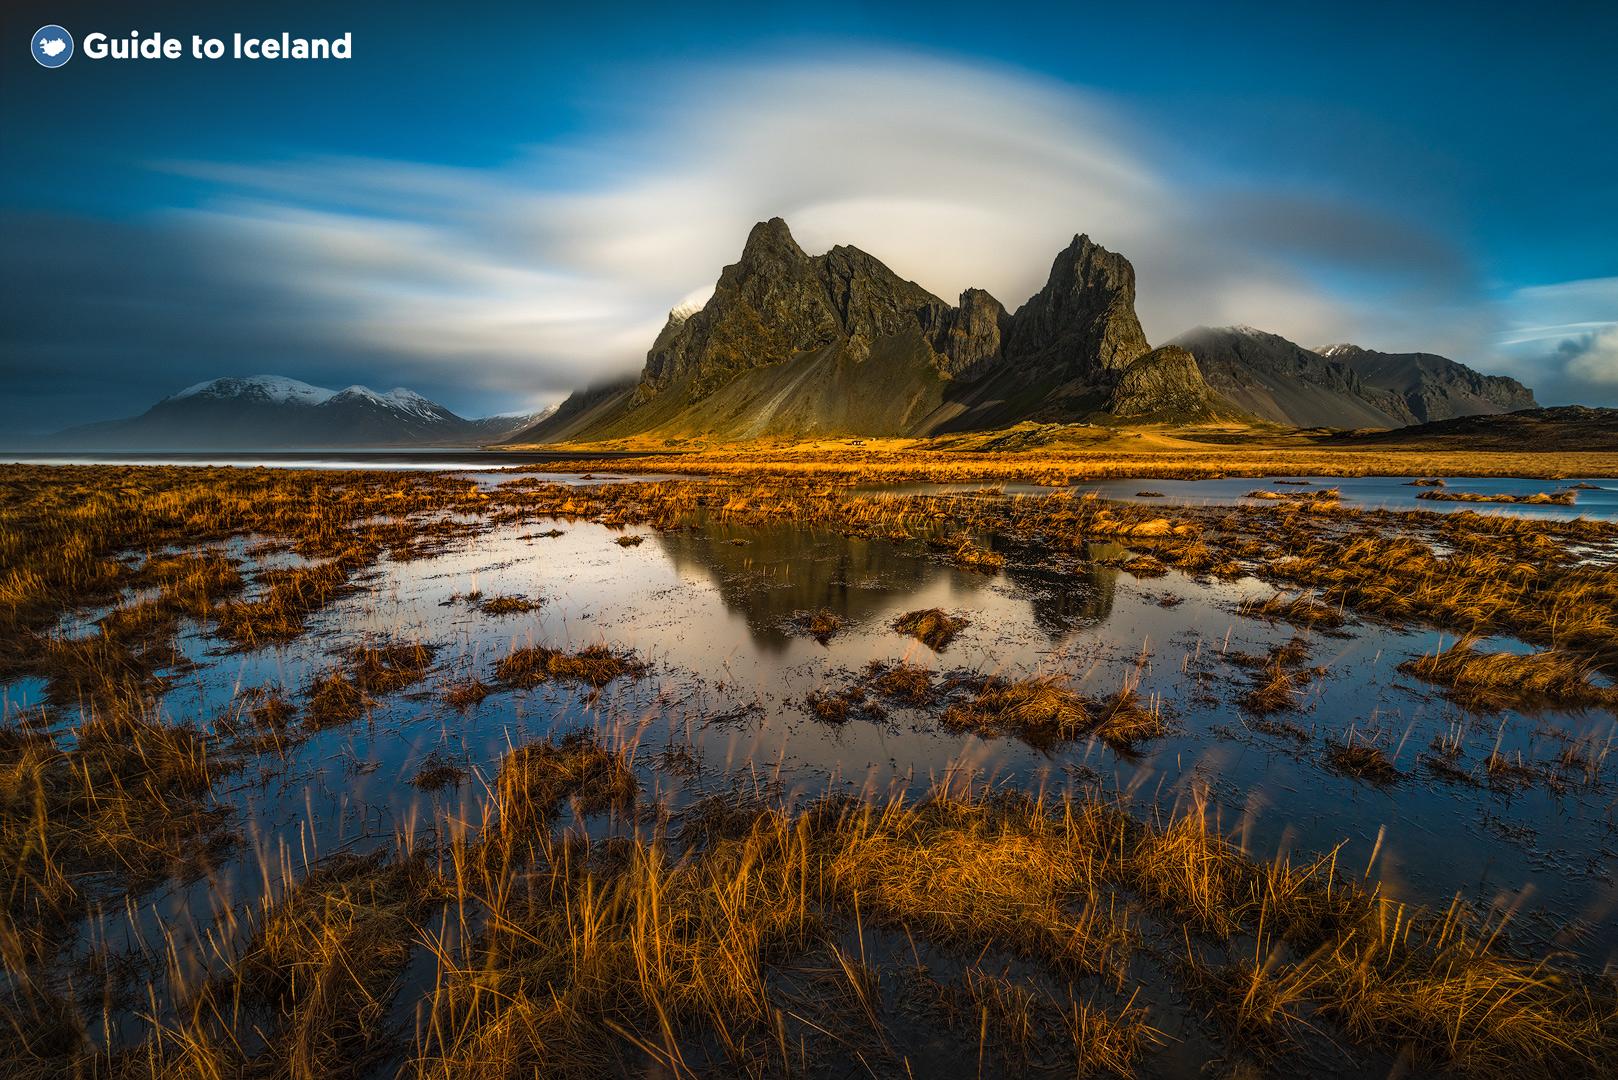 9-dniowa, samodzielna wycieczka organizowana latem po całej obwodnicy Islandii ze szczególnym uwzględnieniem południowego wybrzeża - day 5